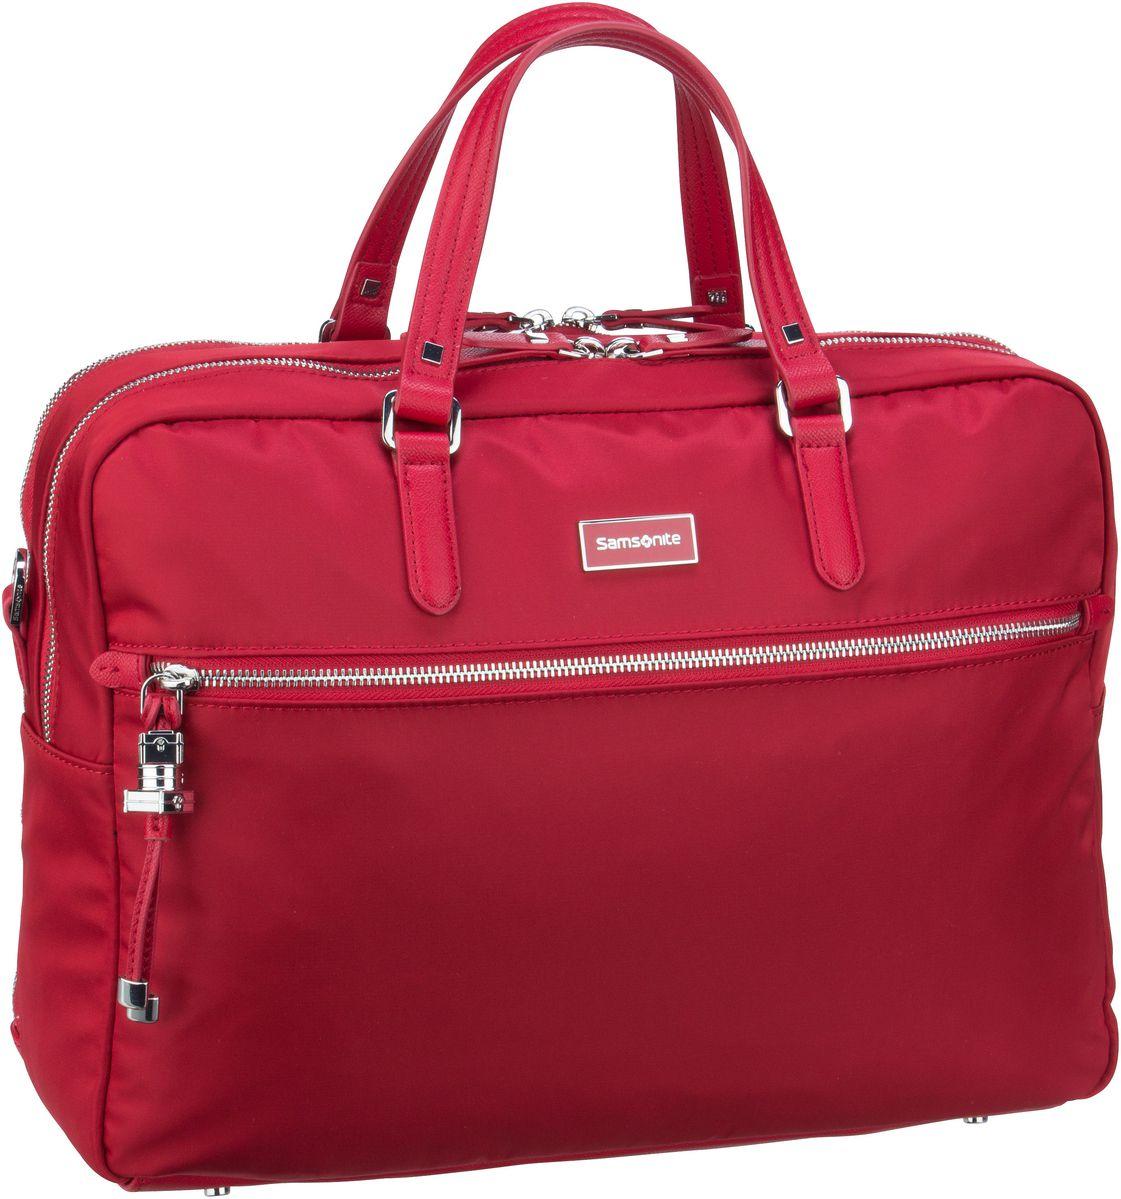 Businesstaschen für Frauen - Samsonite Karissa Biz Bailhandle 15.6'' 2 Comp Formula Red Aktentasche  - Onlineshop Taschenkaufhaus